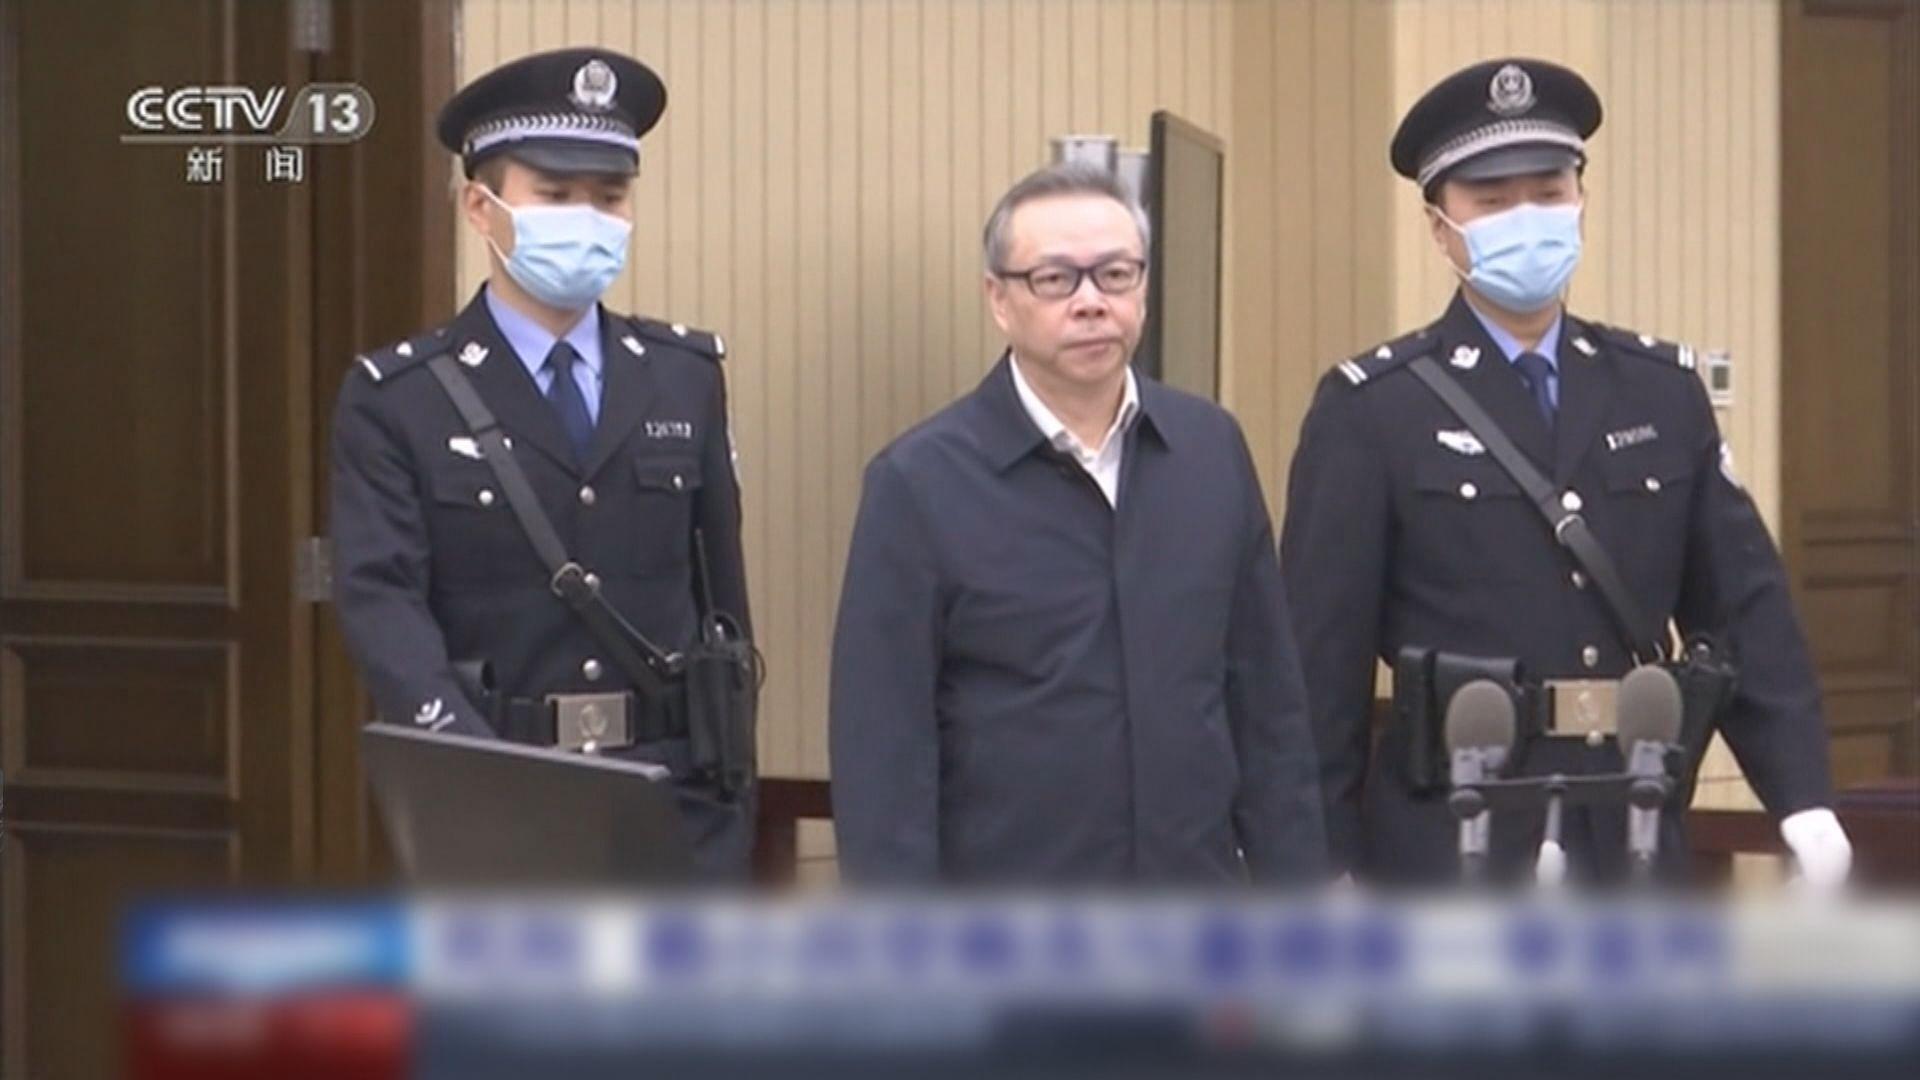 中國華融前董事長賴小民被執行死刑